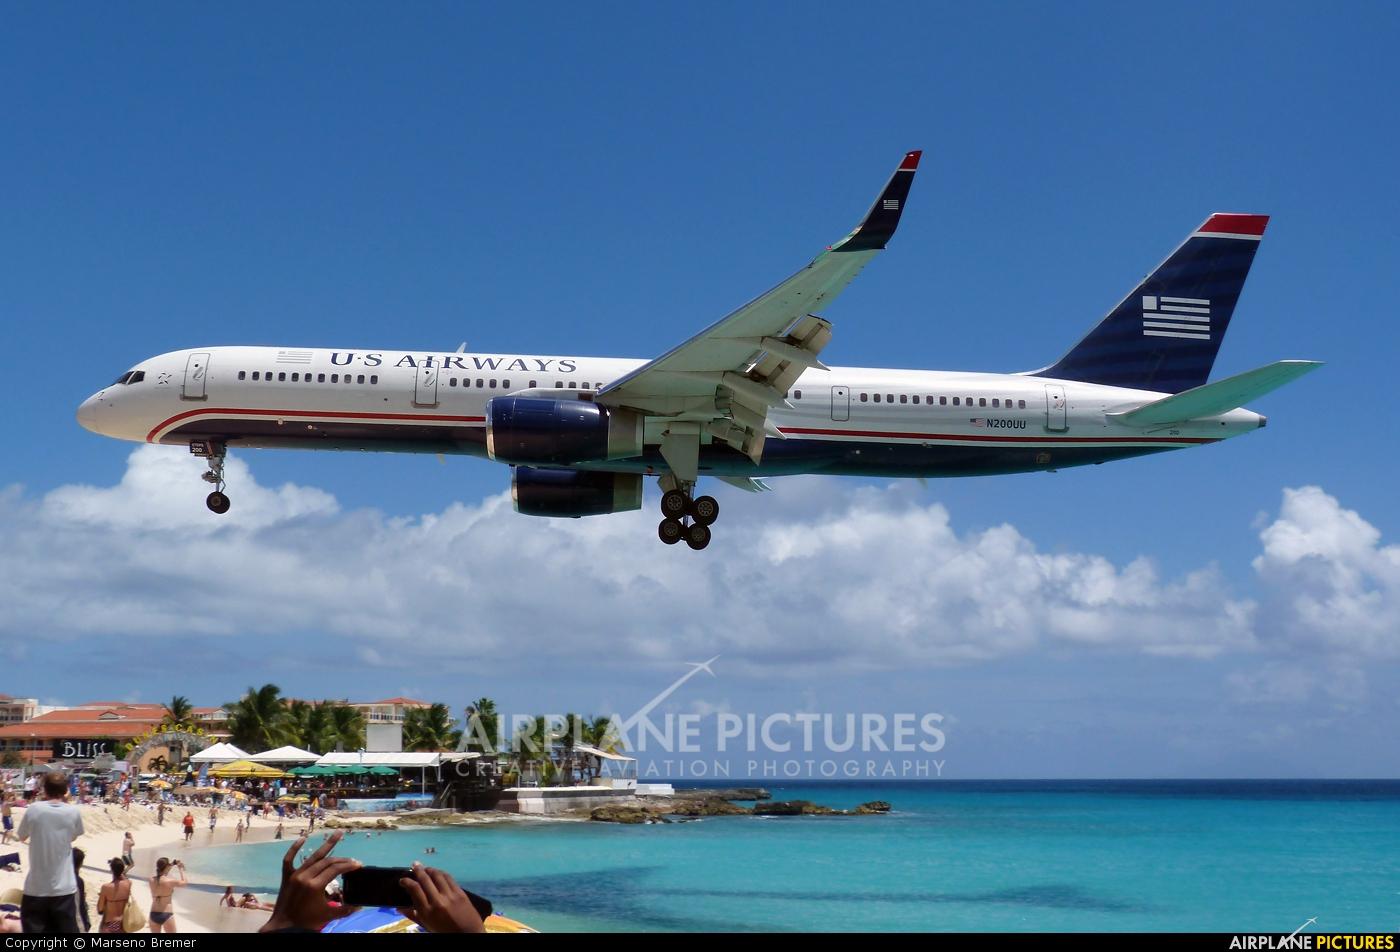 US Airways N200UU aircraft at Sint Maarten - Princess Juliana Intl